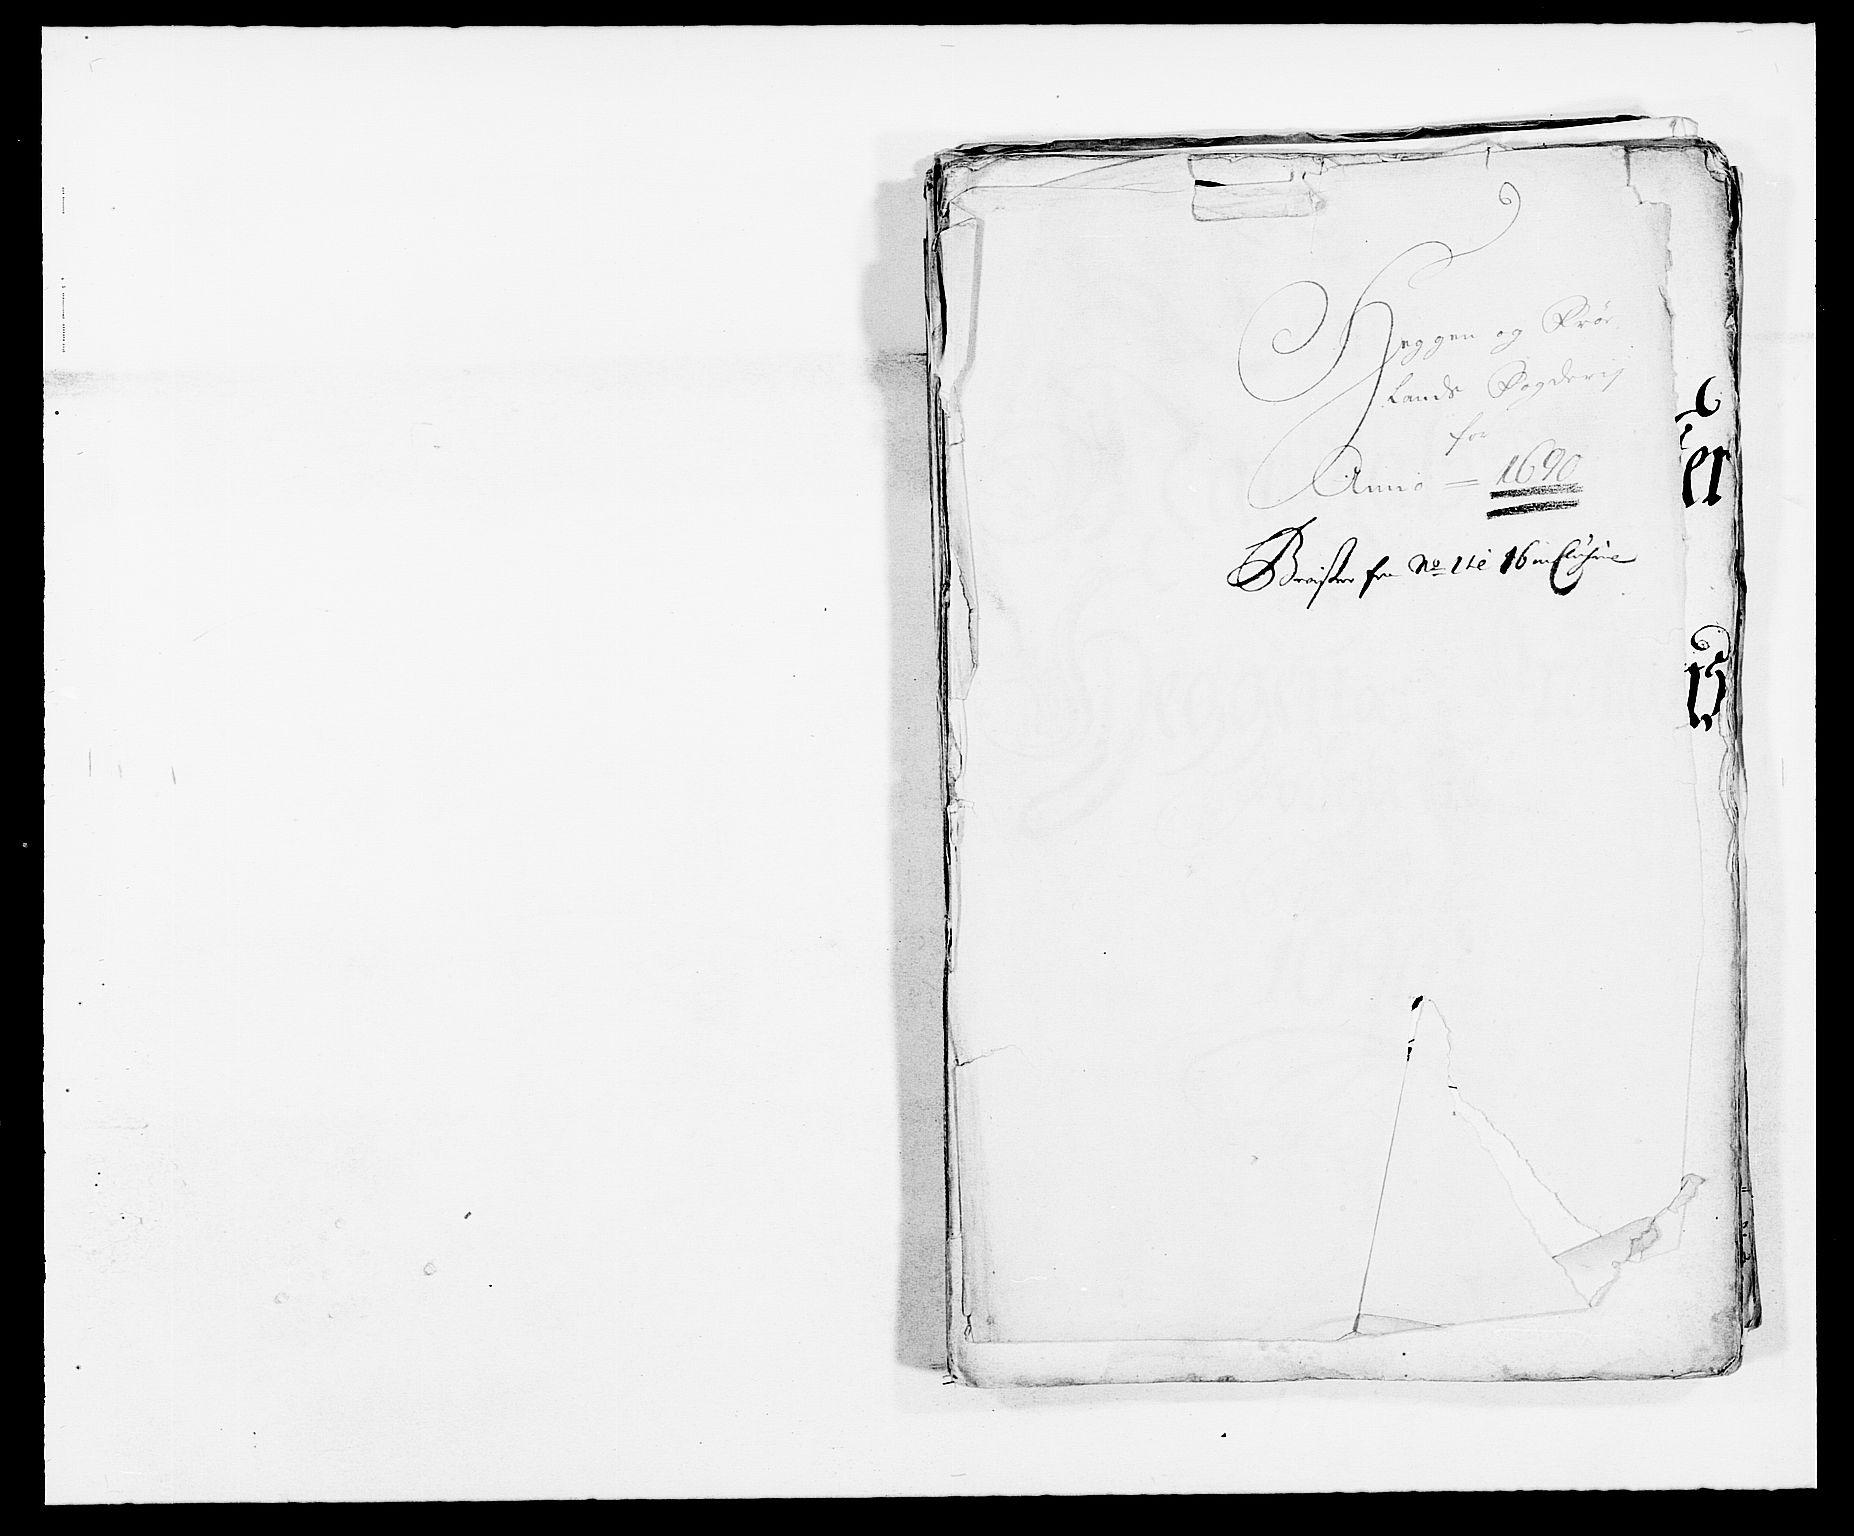 RA, Rentekammeret inntil 1814, Reviderte regnskaper, Fogderegnskap, R06/L0282: Fogderegnskap Heggen og Frøland, 1687-1690, s. 220